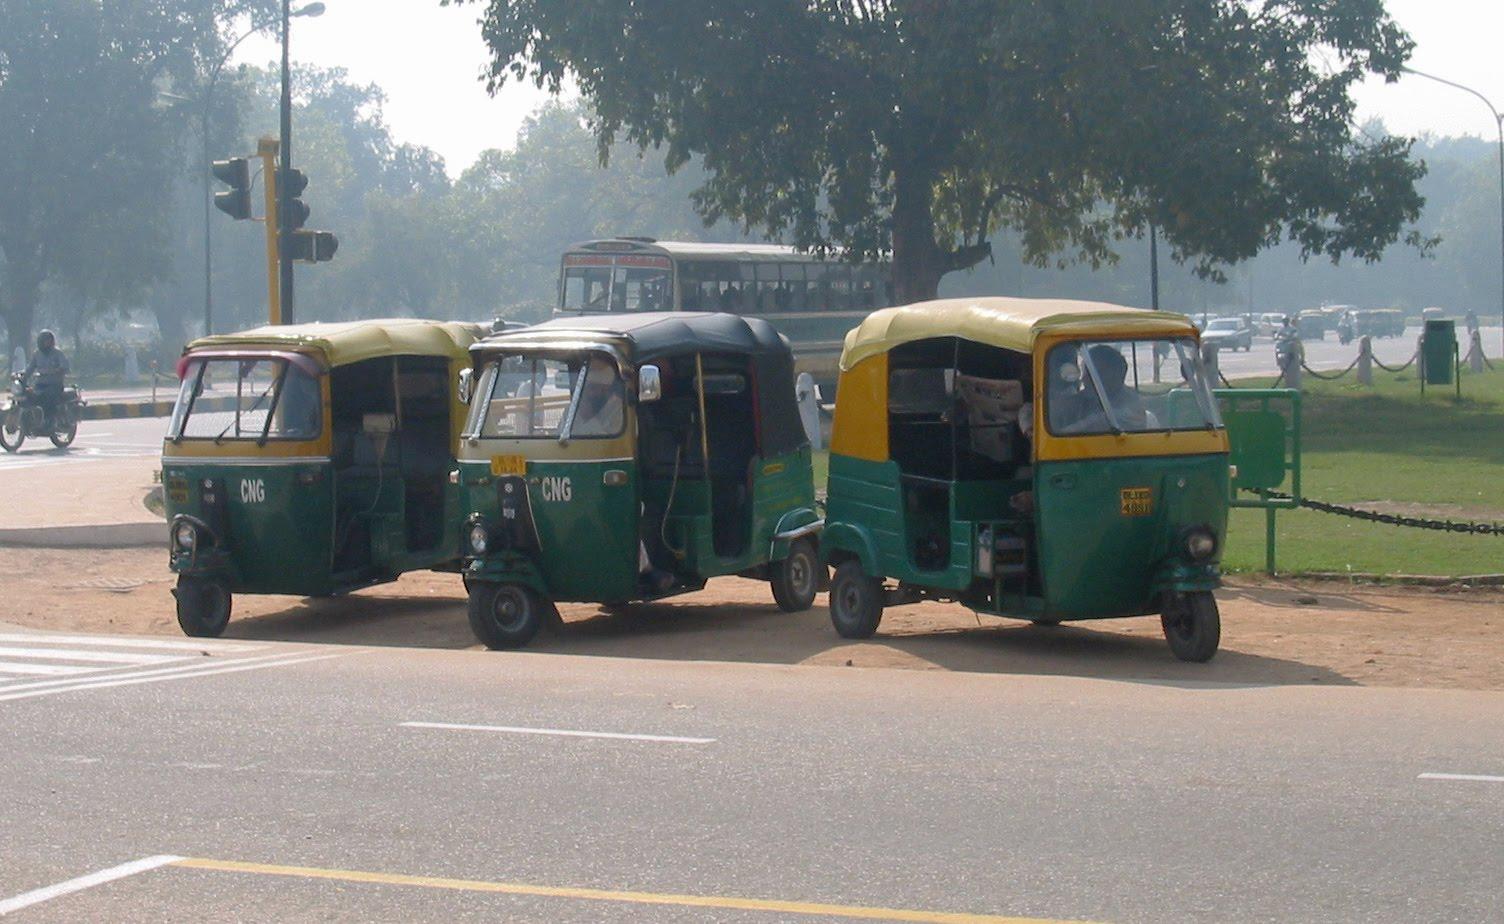 http://1.bp.blogspot.com/_3uYZ17vGEdA/S-BIGoyIWeI/AAAAAAAAAVQ/S65NgHI1ug0/s1600/autorickshaw.JPG